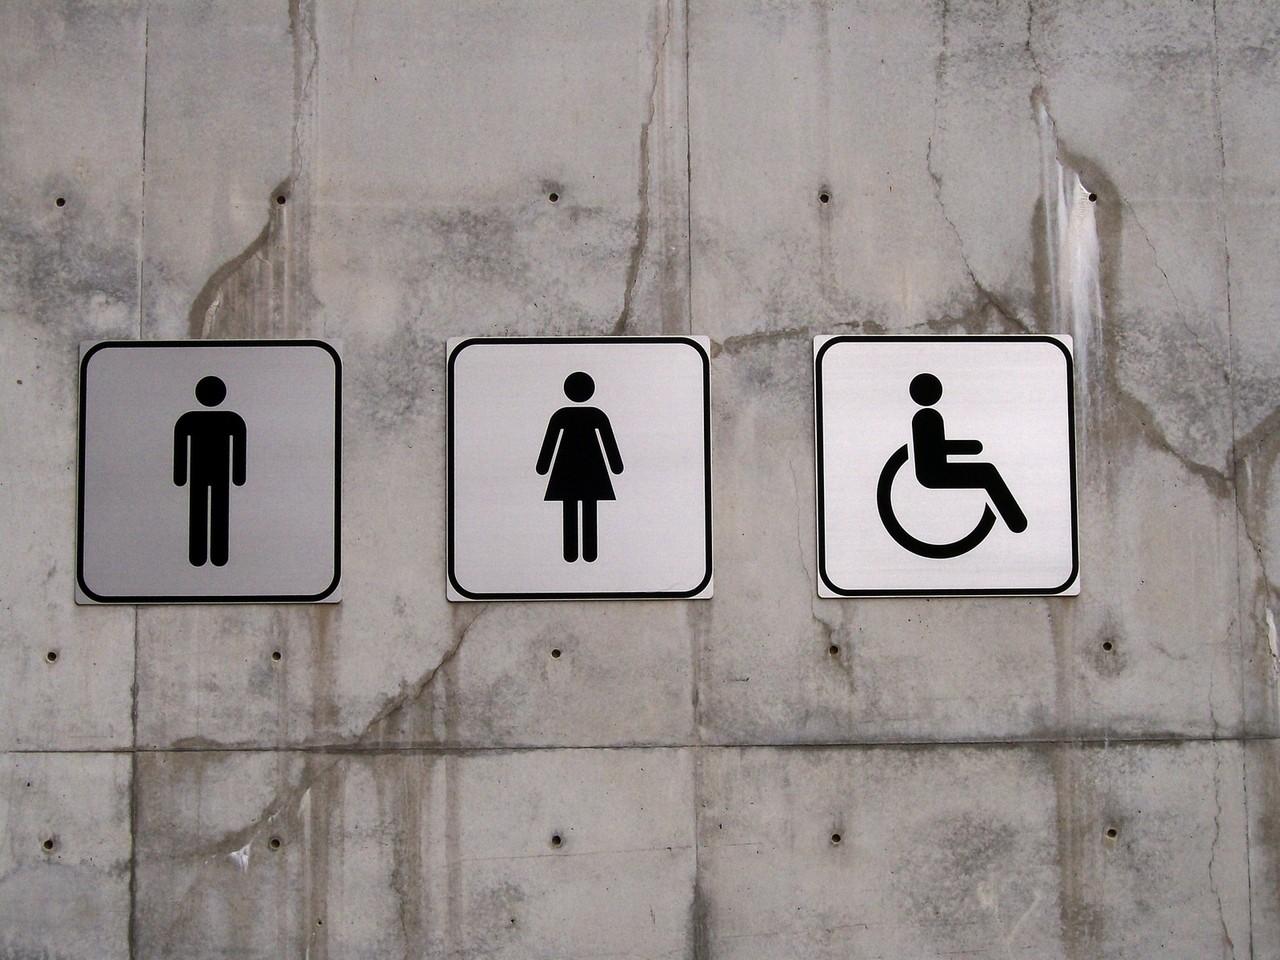 Ułatwienia dla osób niepełnosprawnych